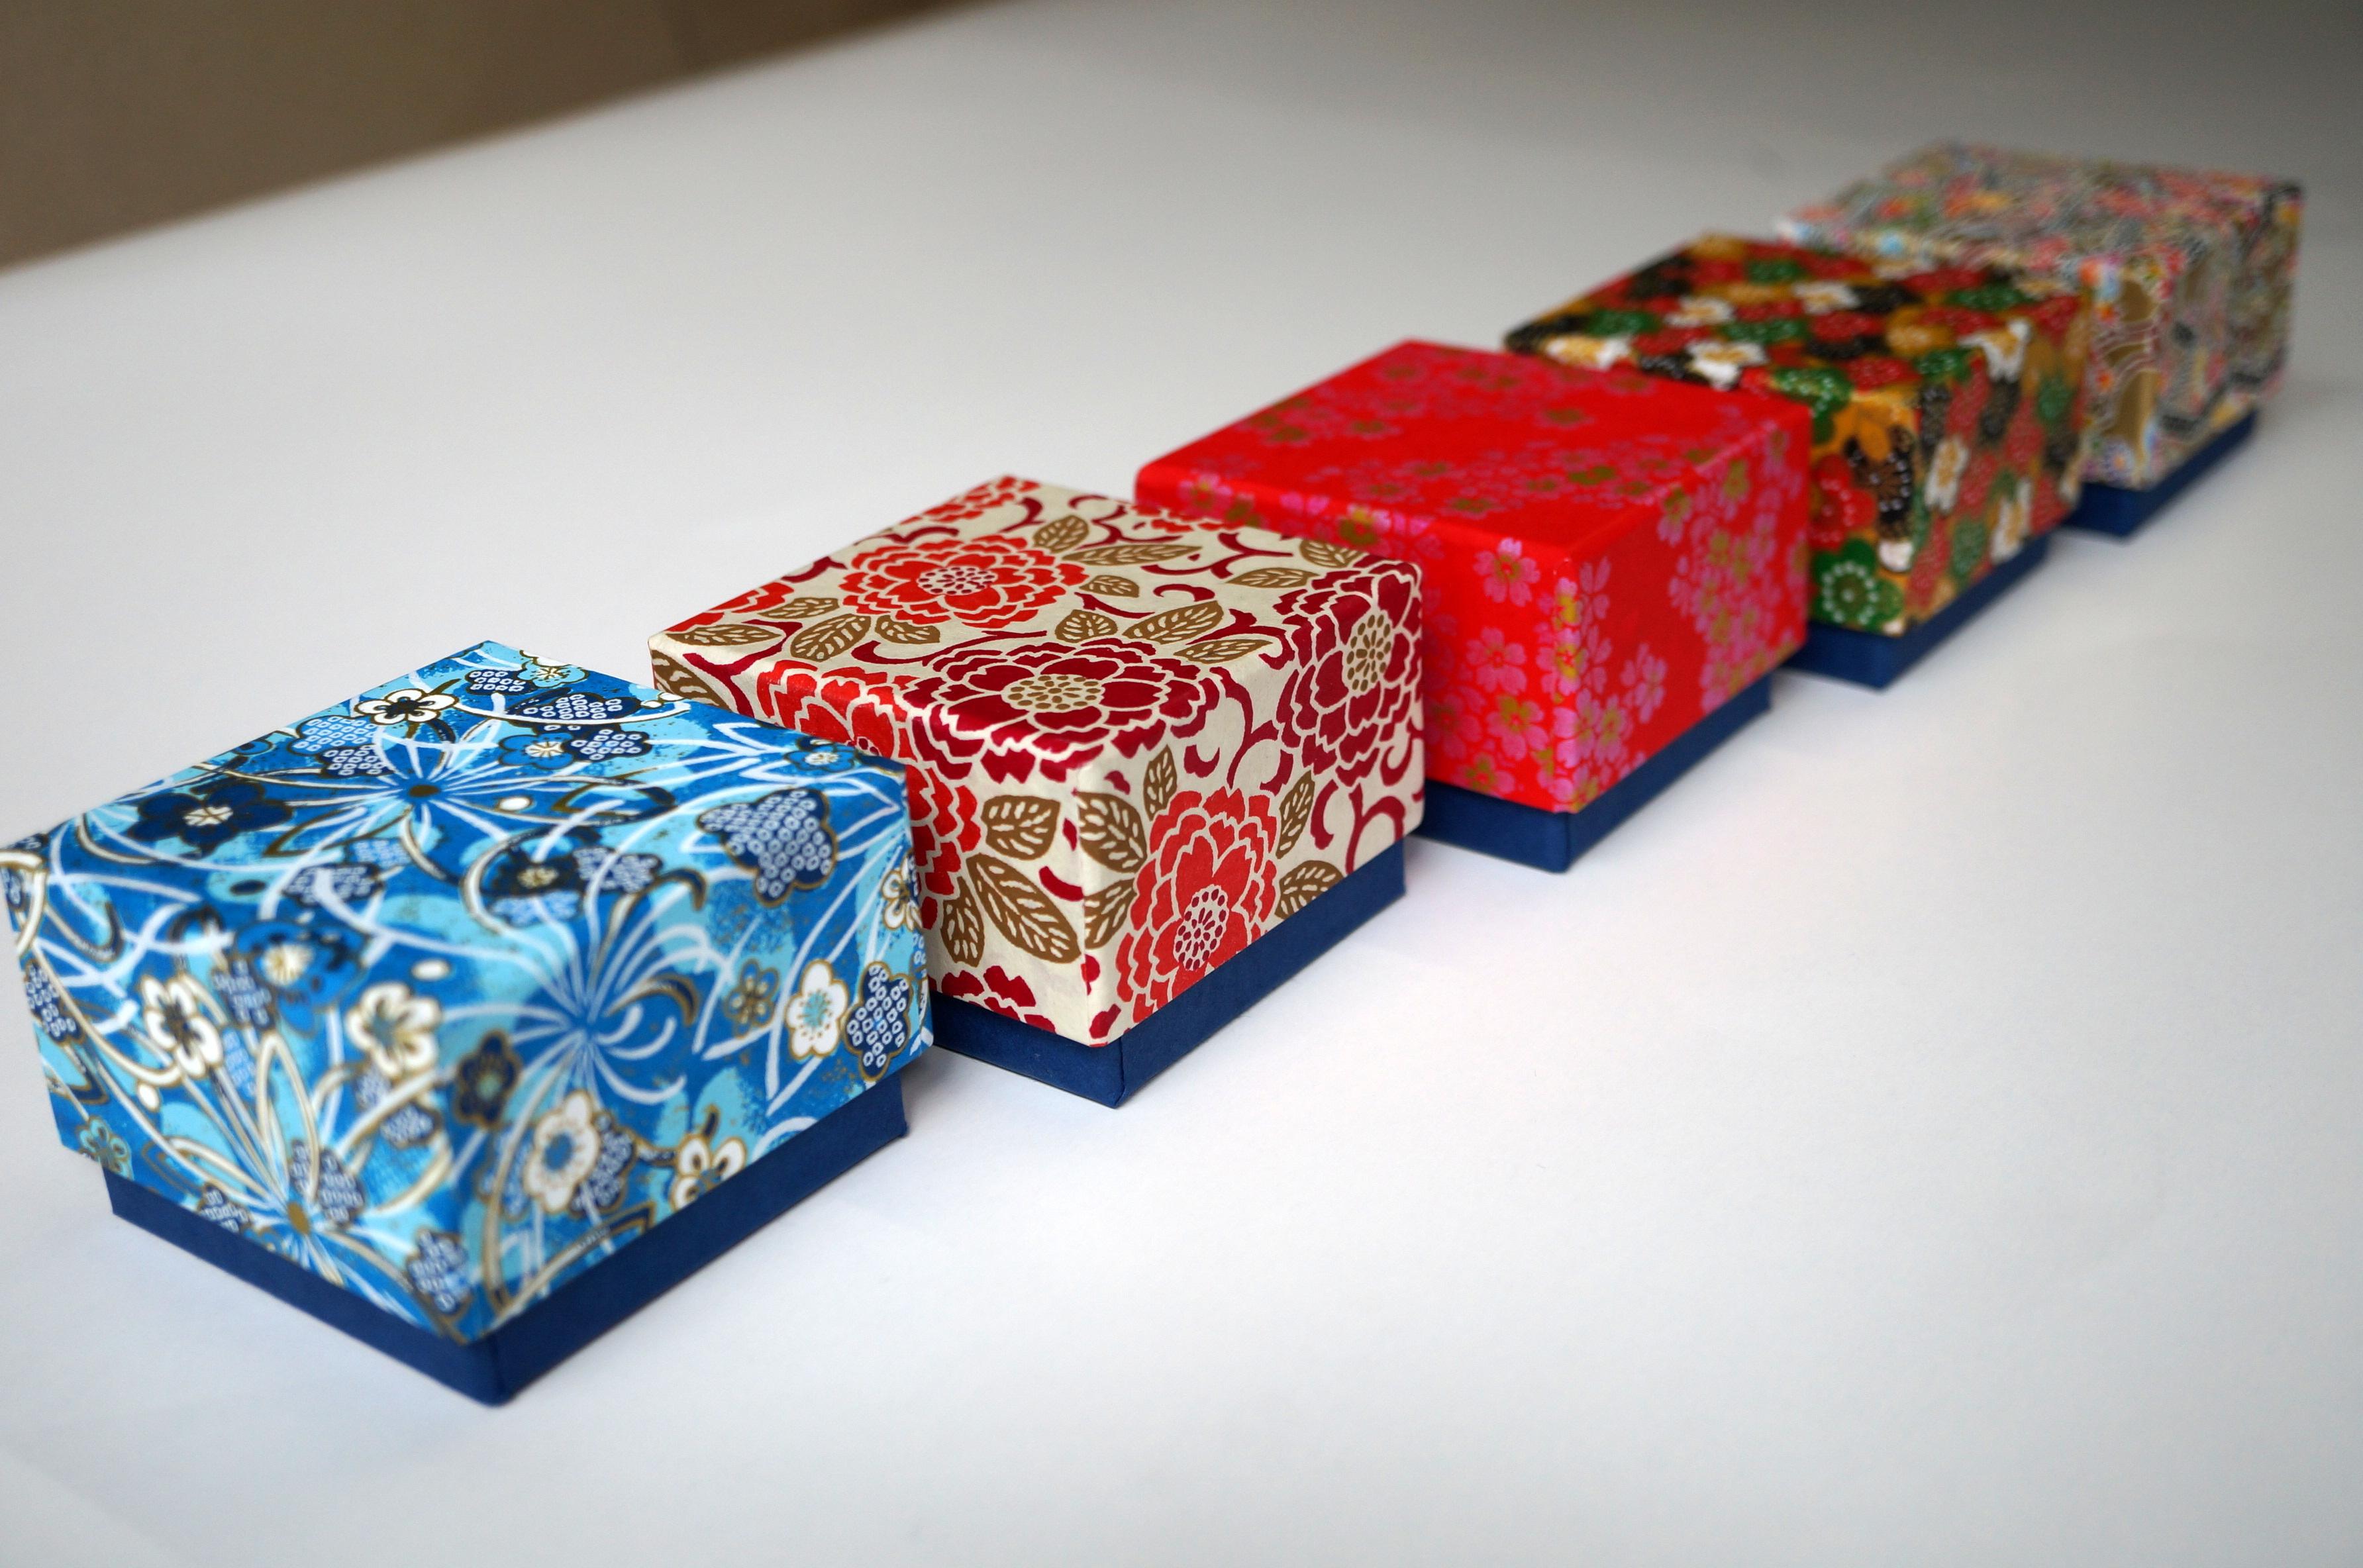 5柄の千代紙を使った貼り箱を別注で作製させていただきました。